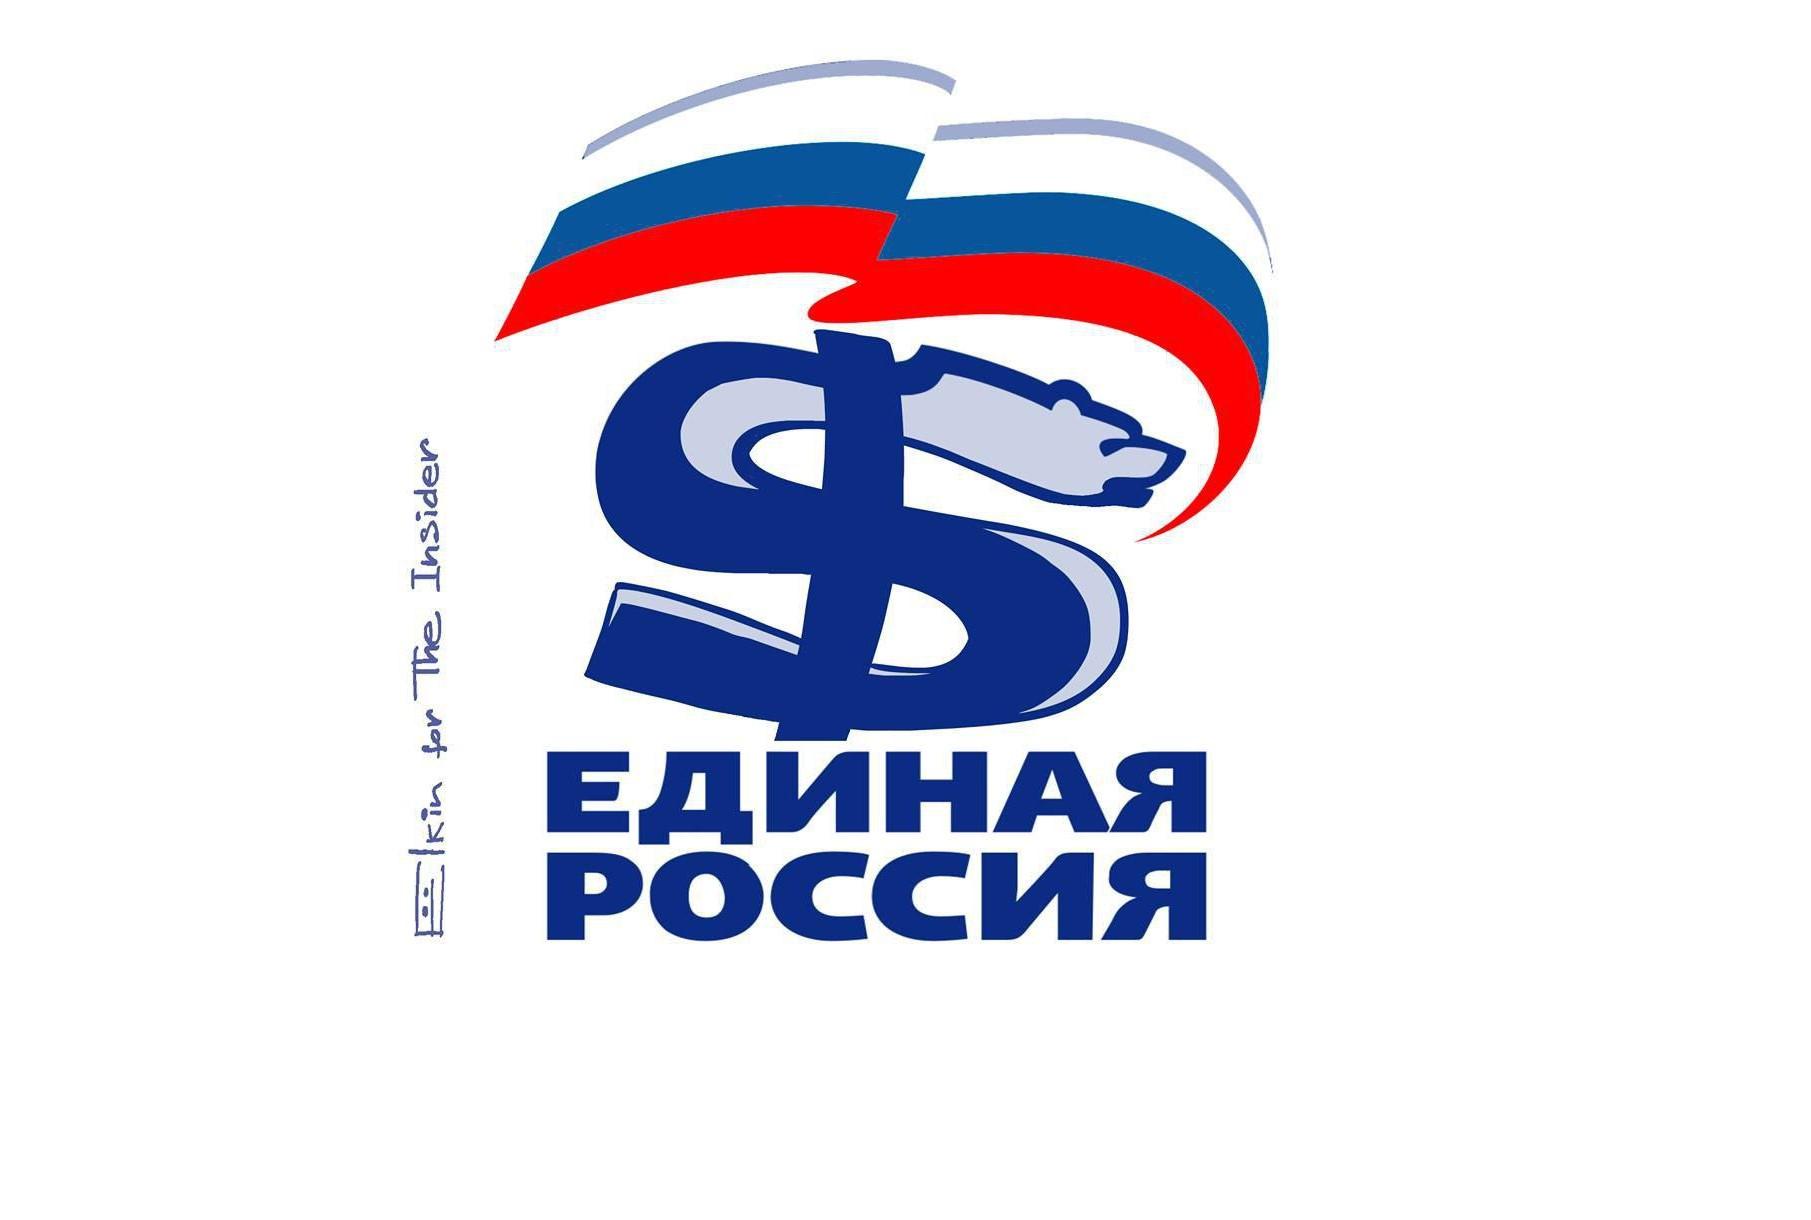 https://theins.ru/wp-content/uploads/2019/01/photo_2019-01-11_13-31-47.jpg